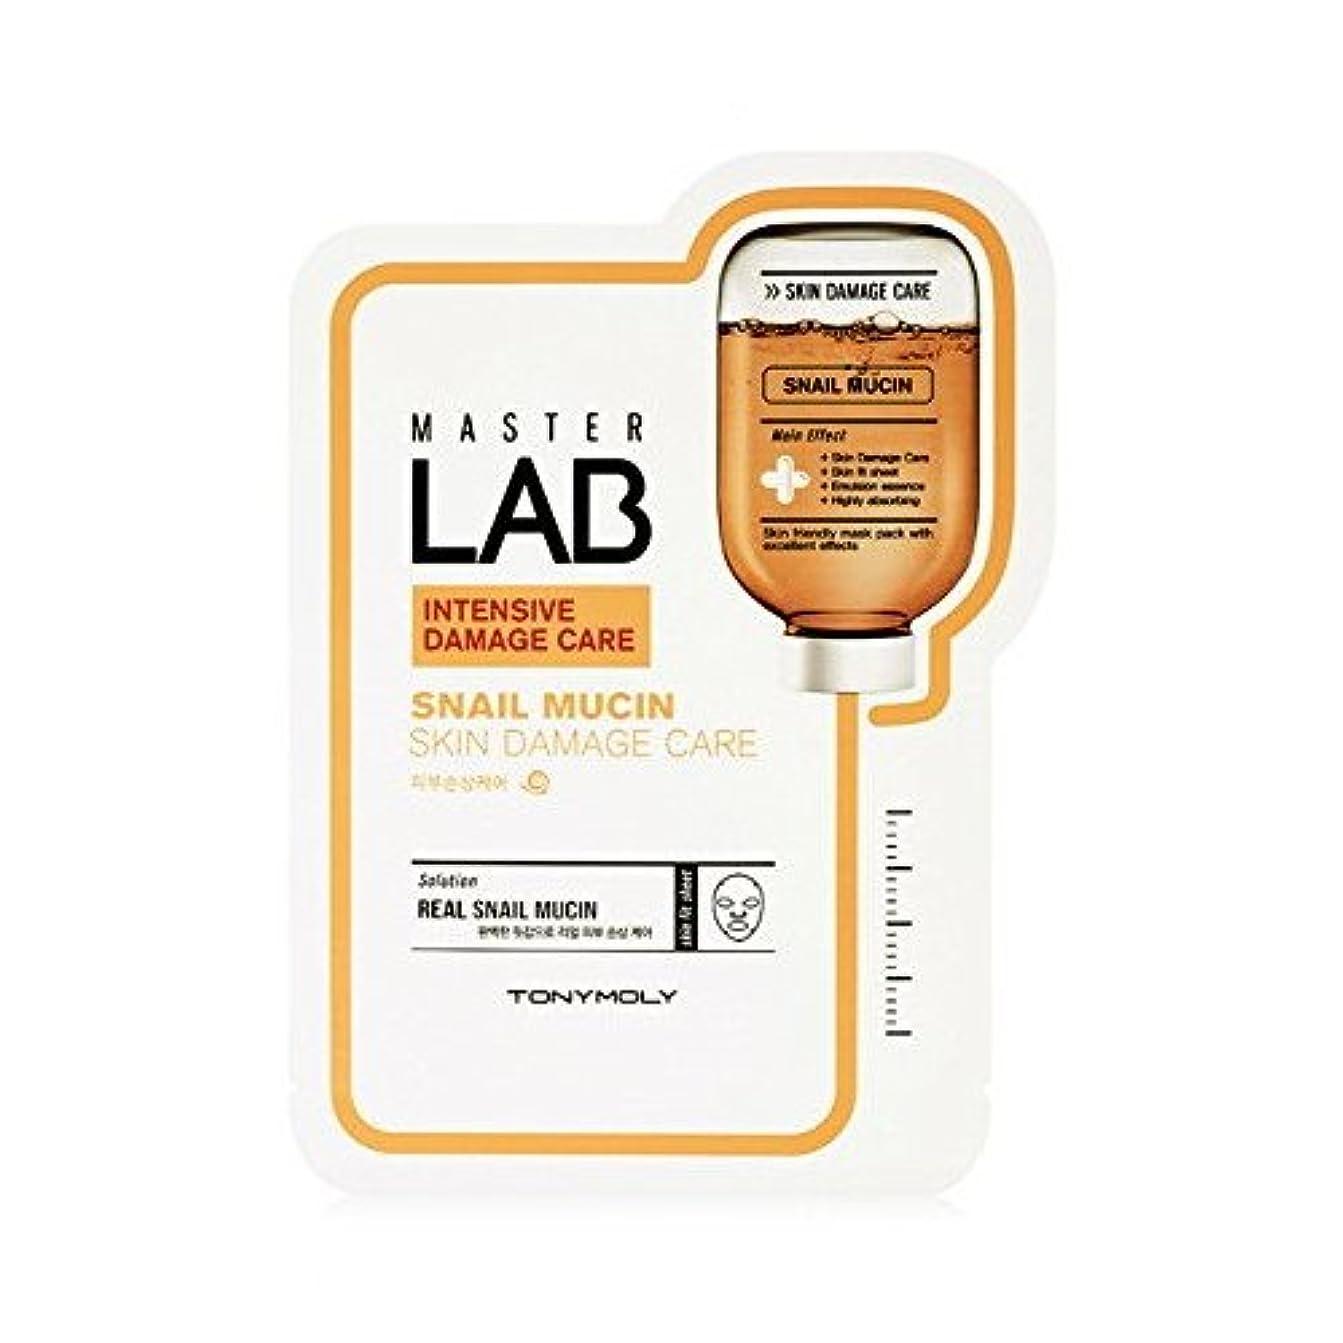 責任等価溶岩(6 Pack) TONYMOLY Master Lab Mask - Snail Mucin (Skin Damage Care) (並行輸入品)